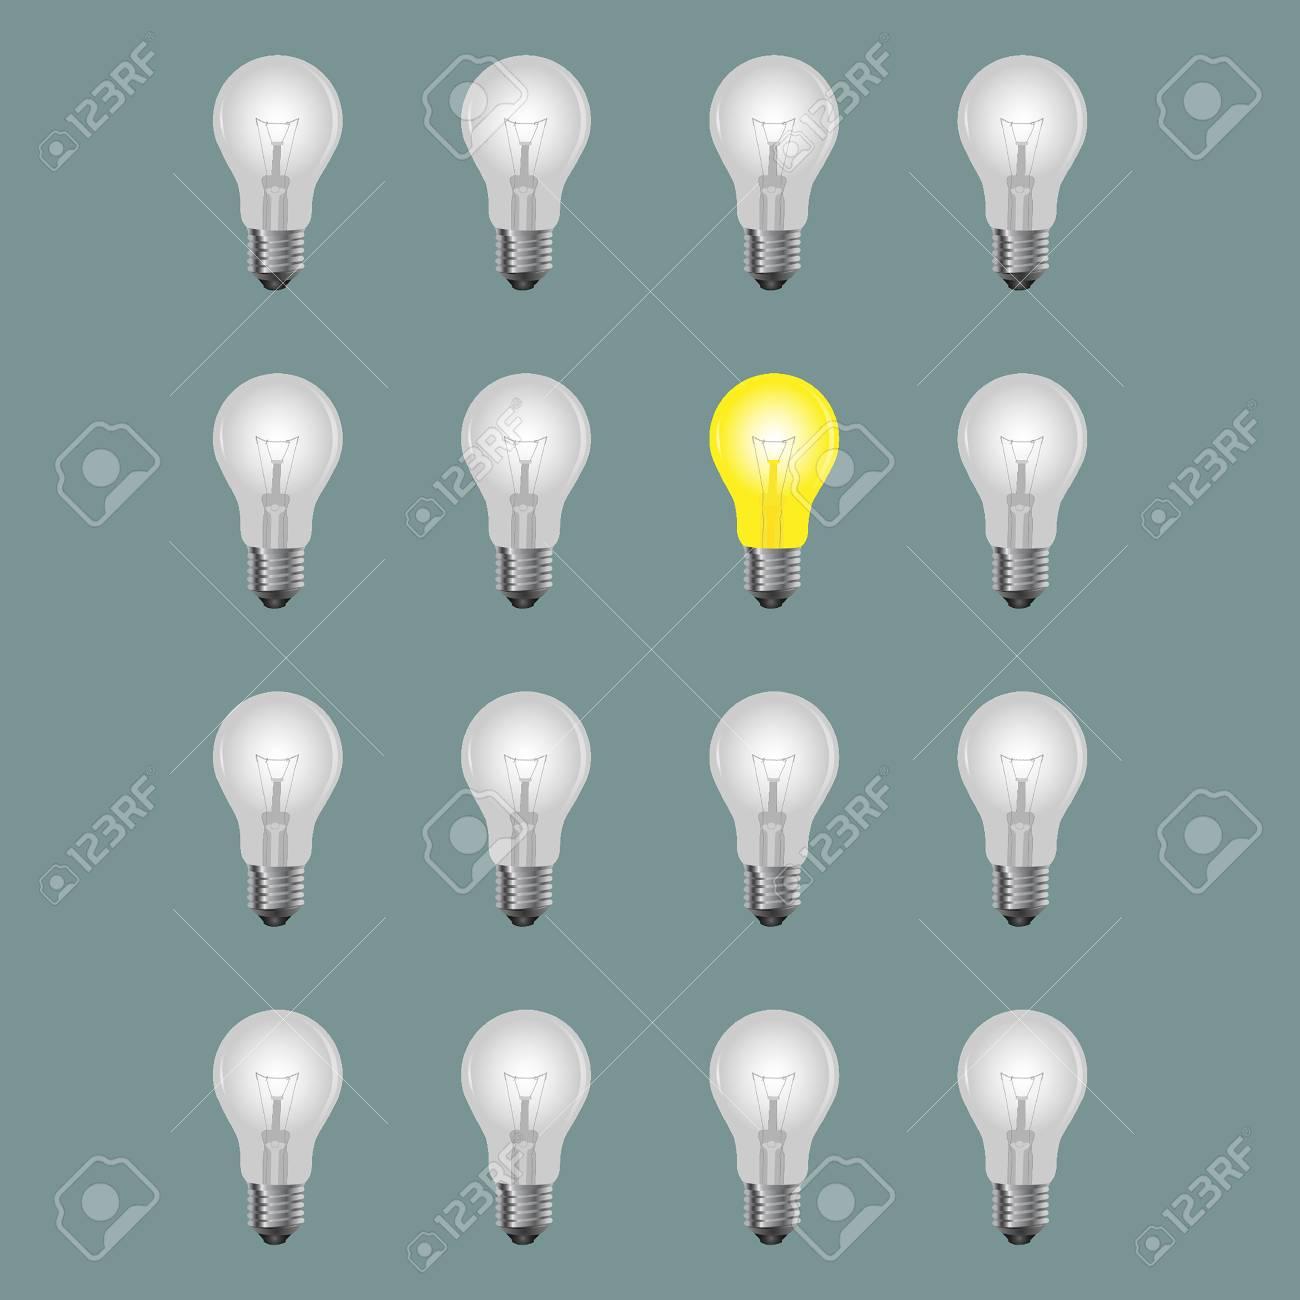 Light Bulbs With One Bright Bulb Stock Vector